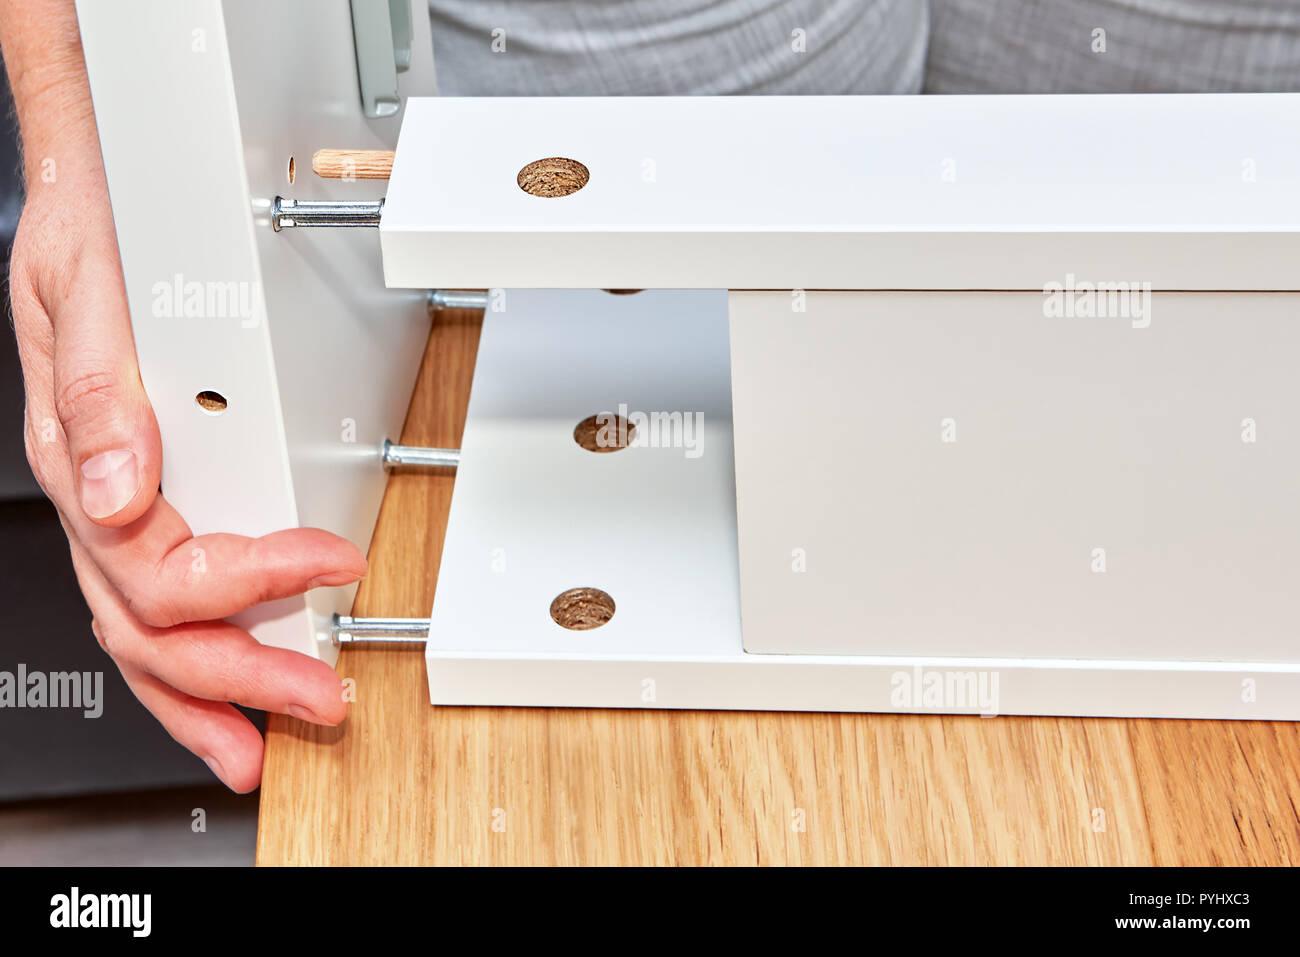 Bekannt Die Hände der Möbel Assembler melden Sie die Teile der Tabelle der EE86